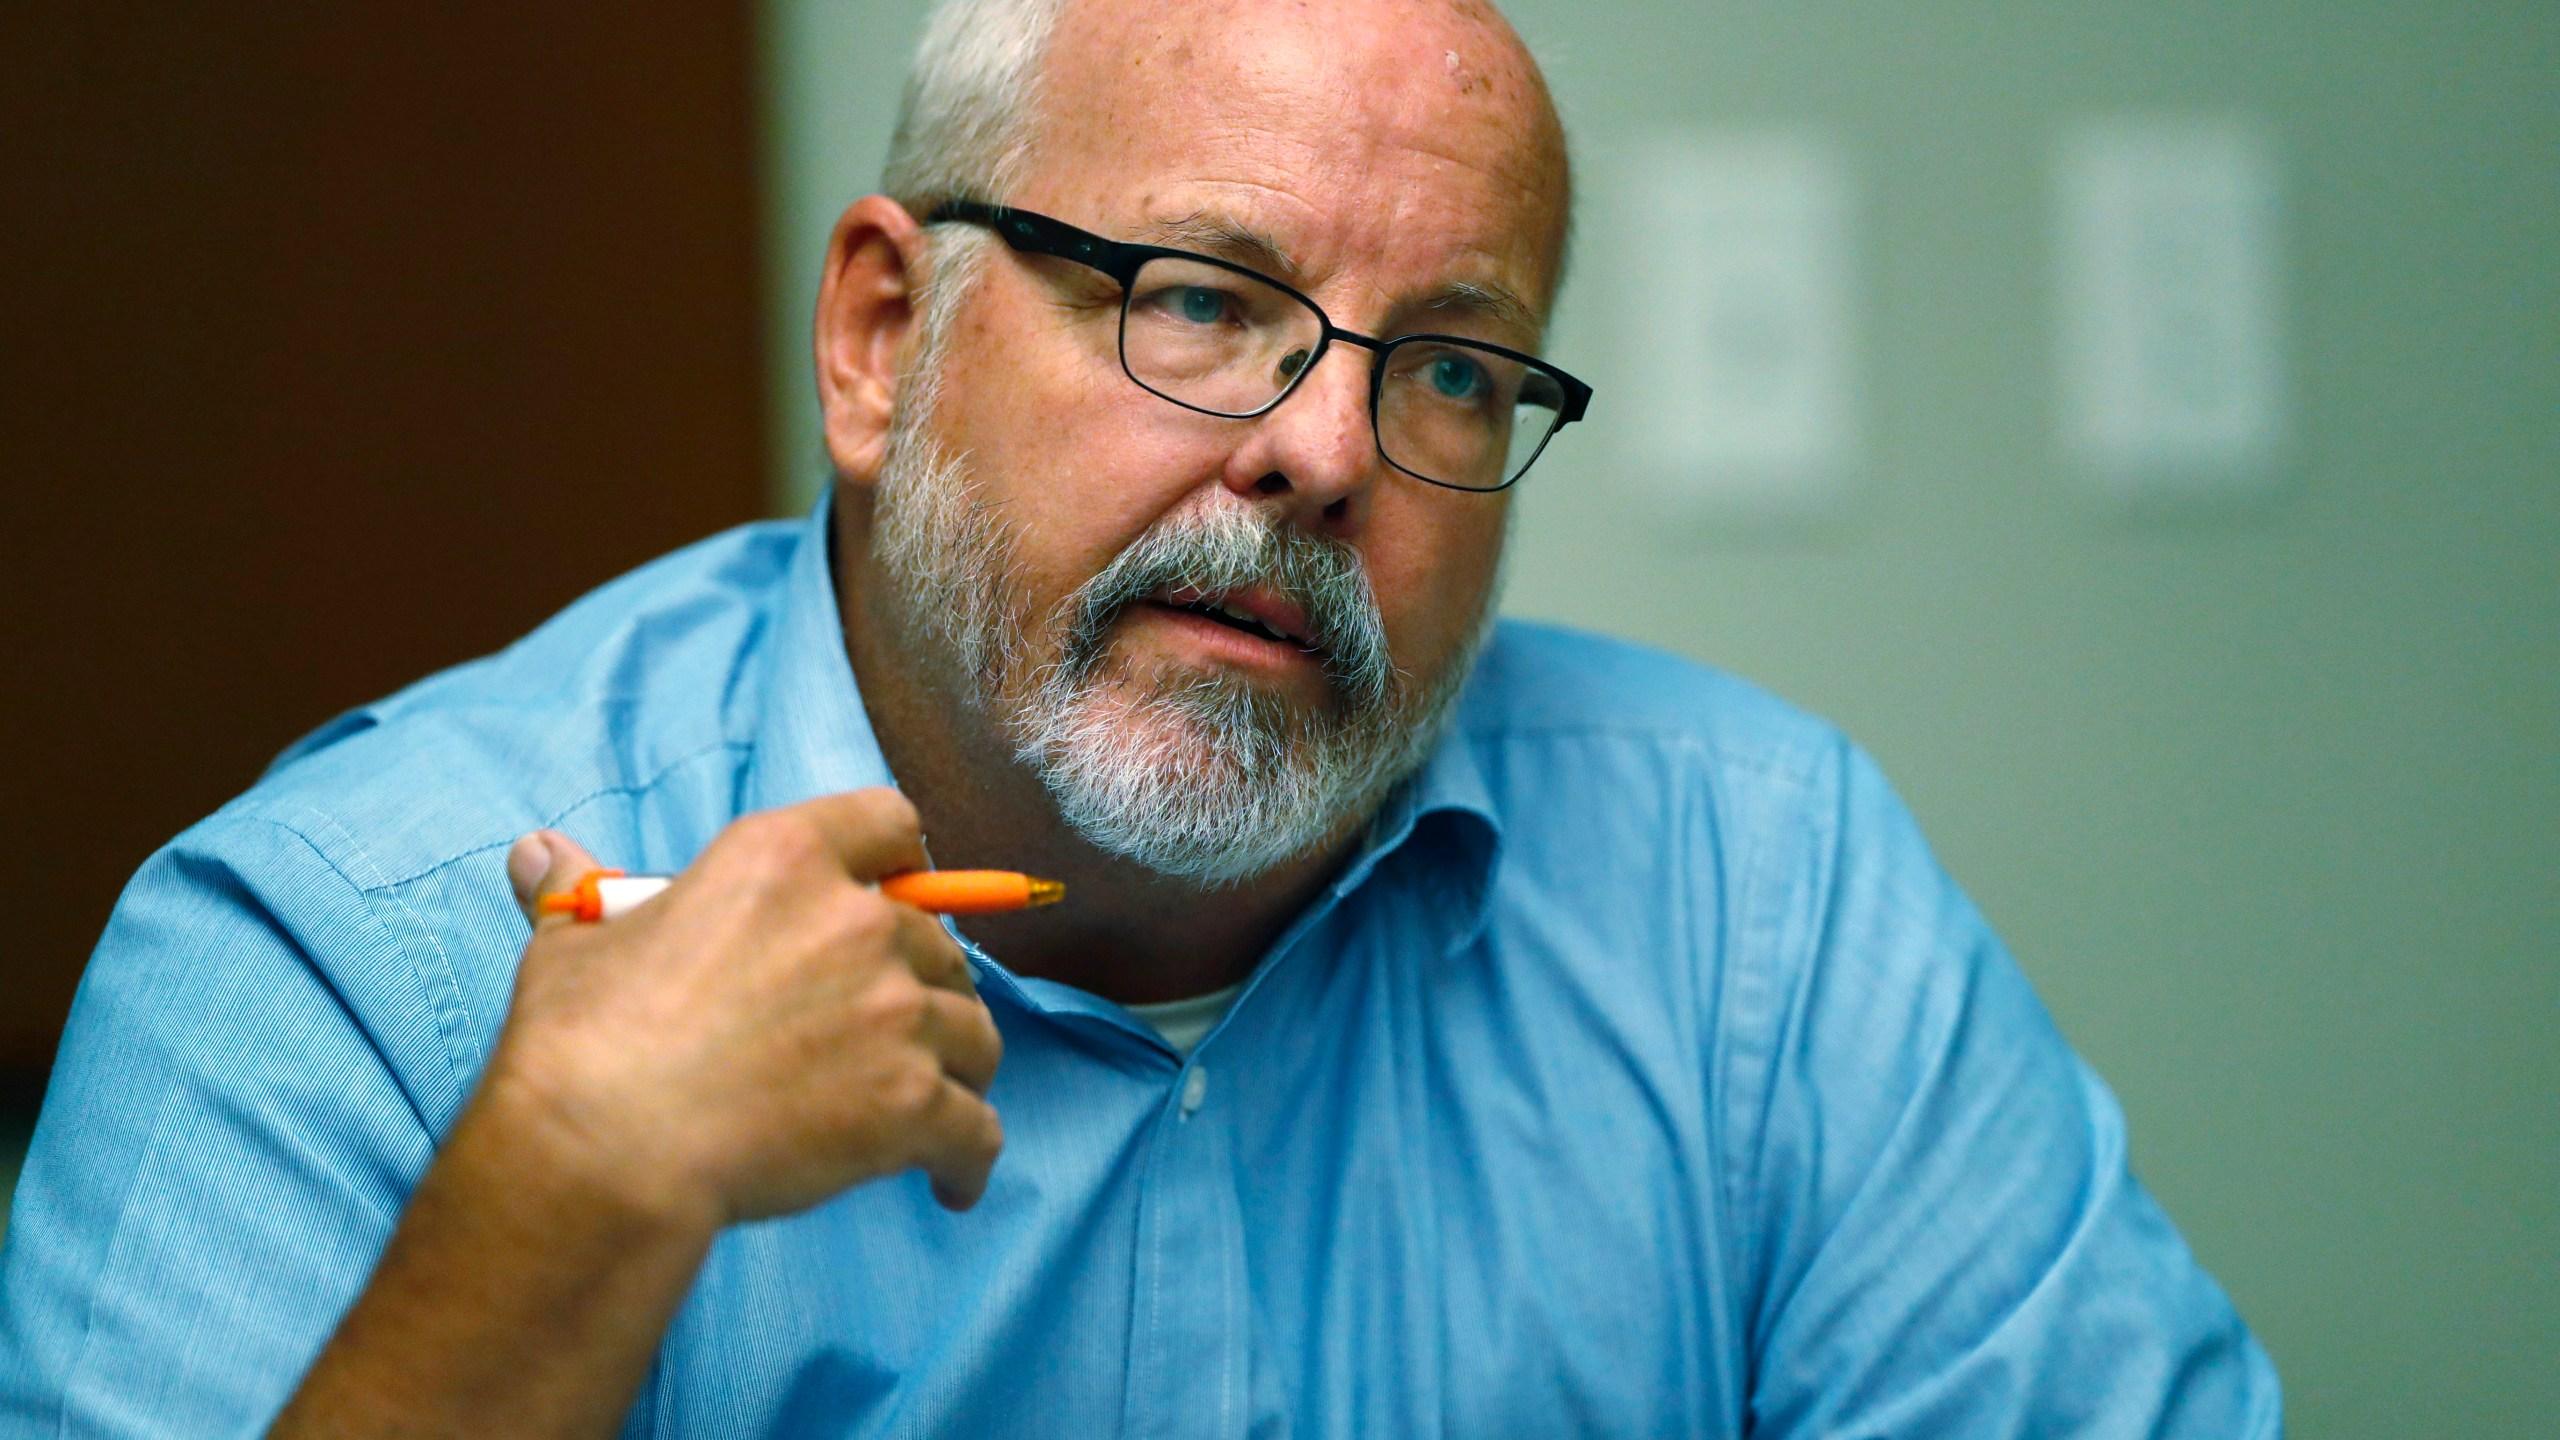 Tom Sullivan, r m